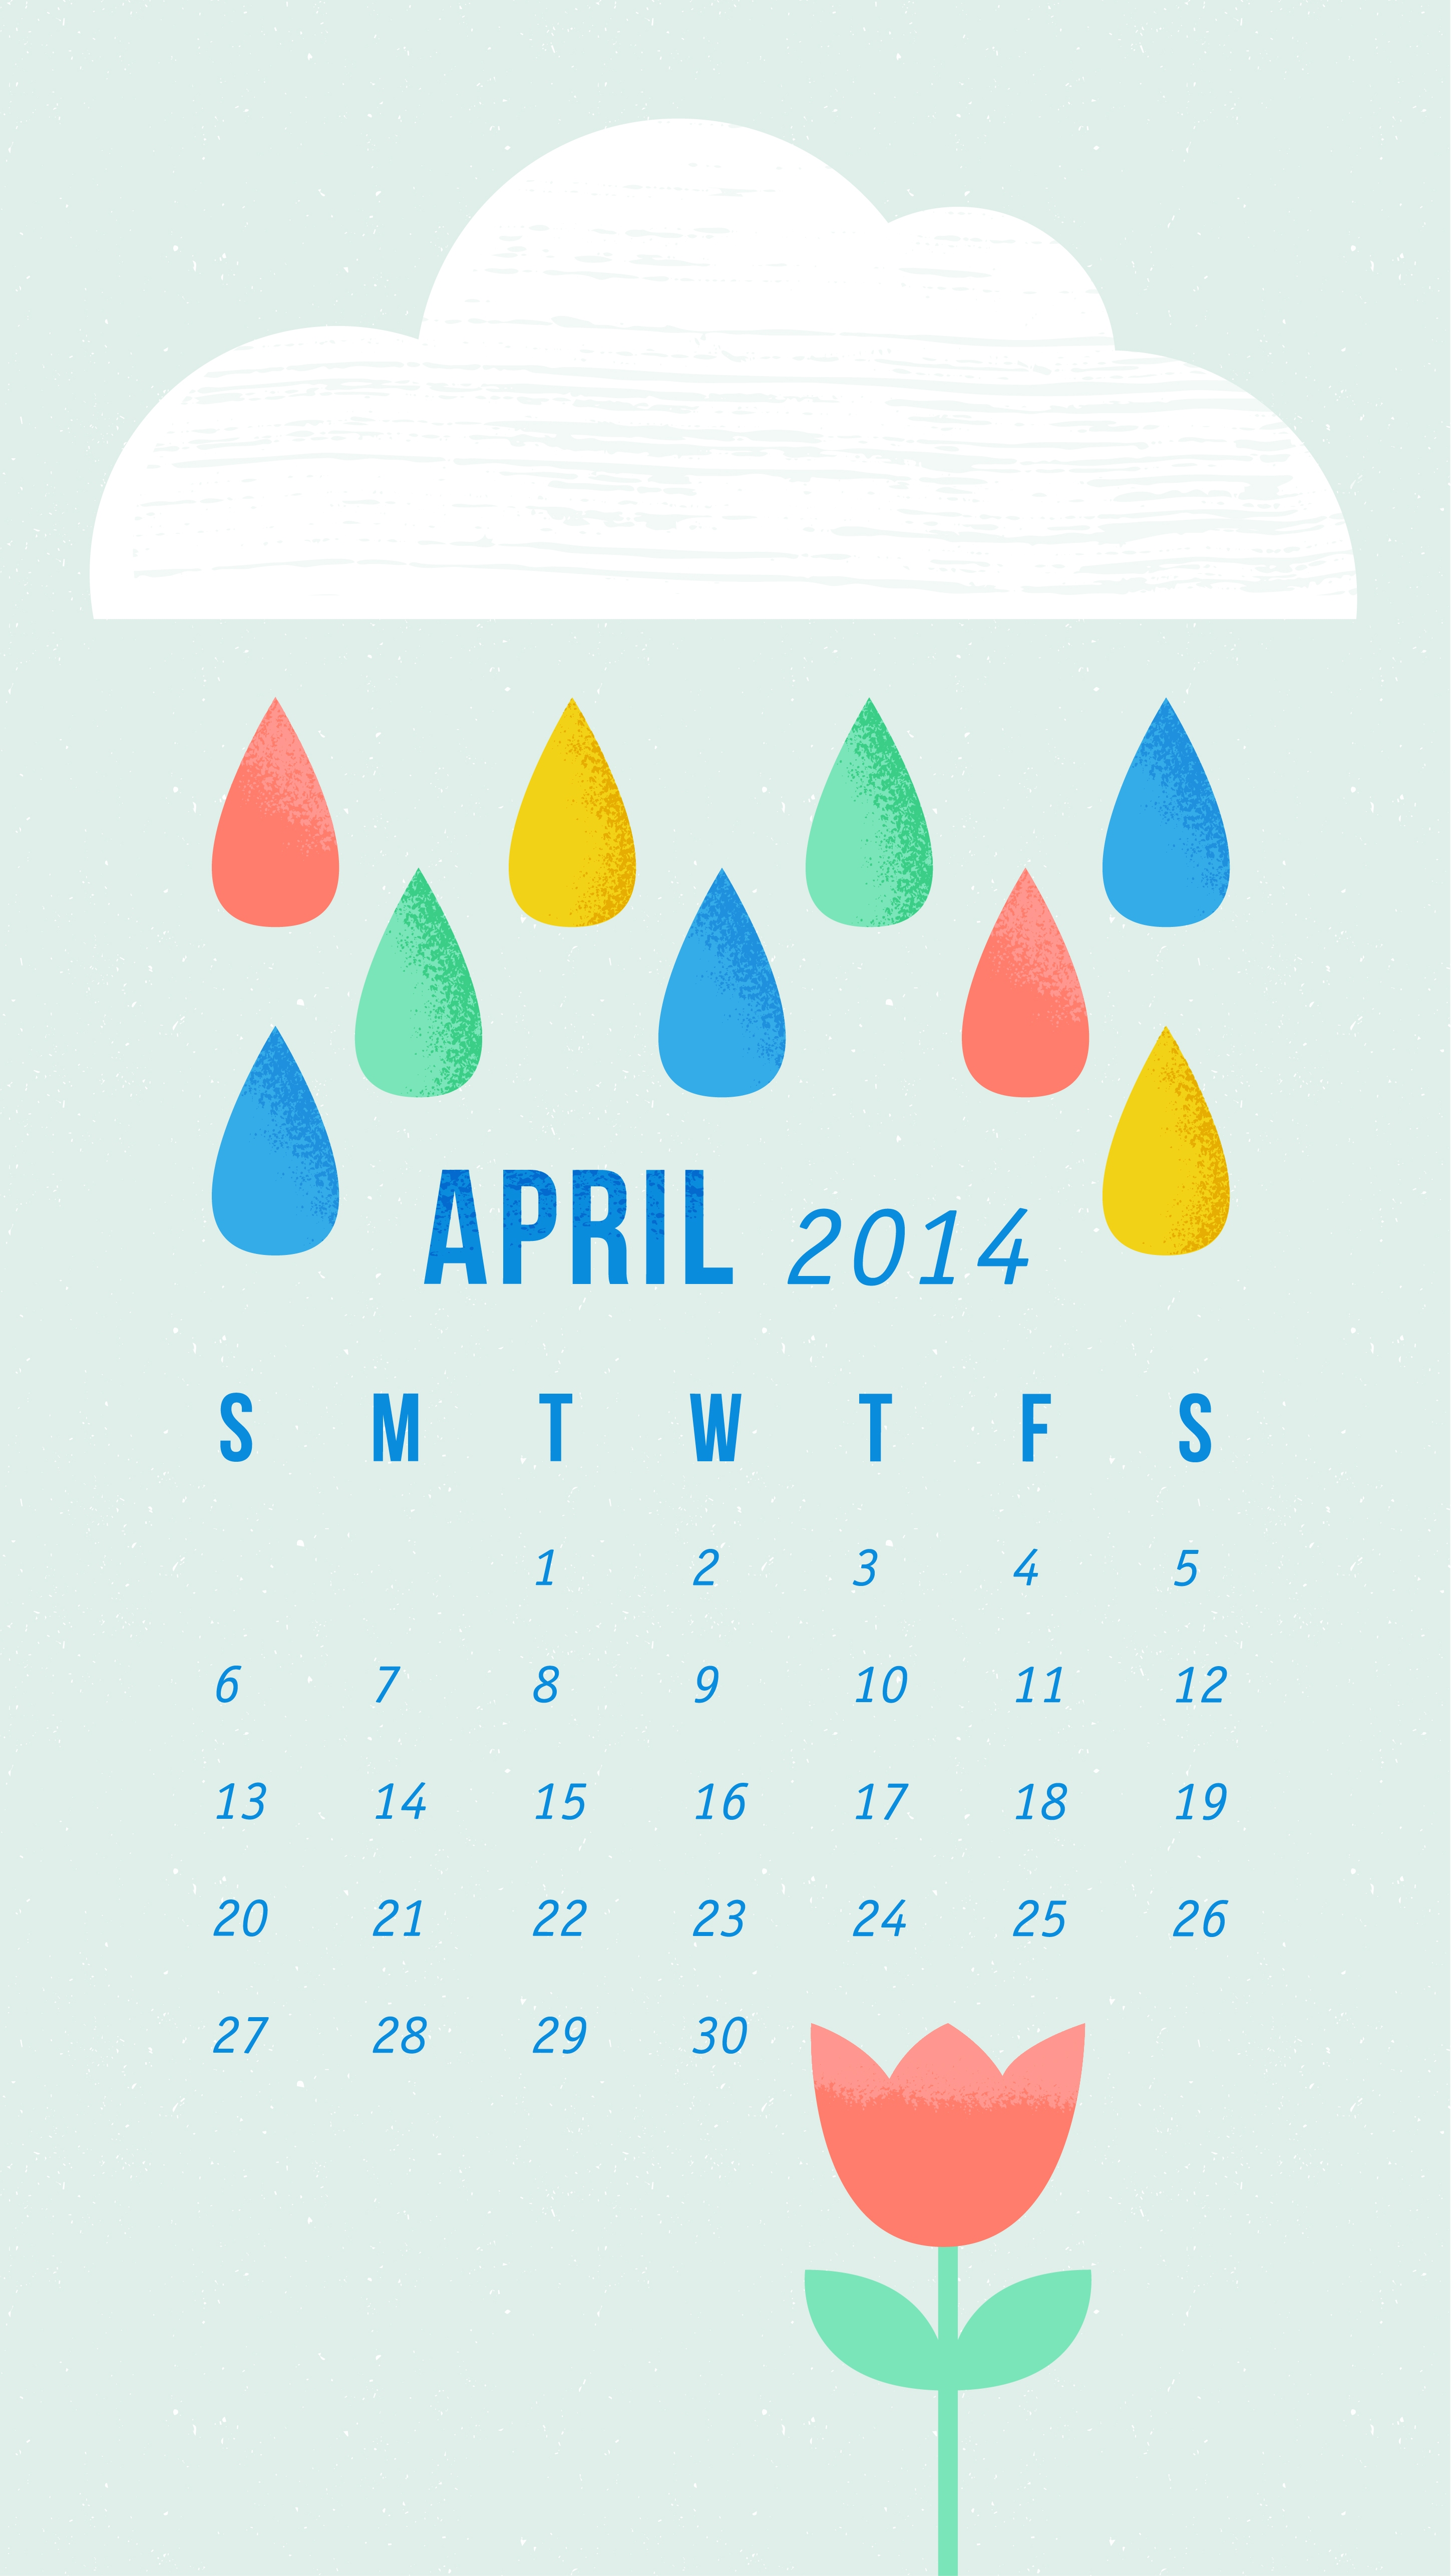 Calendar Wallpaper April Iphone : April calendar wallpapers sarah hearts